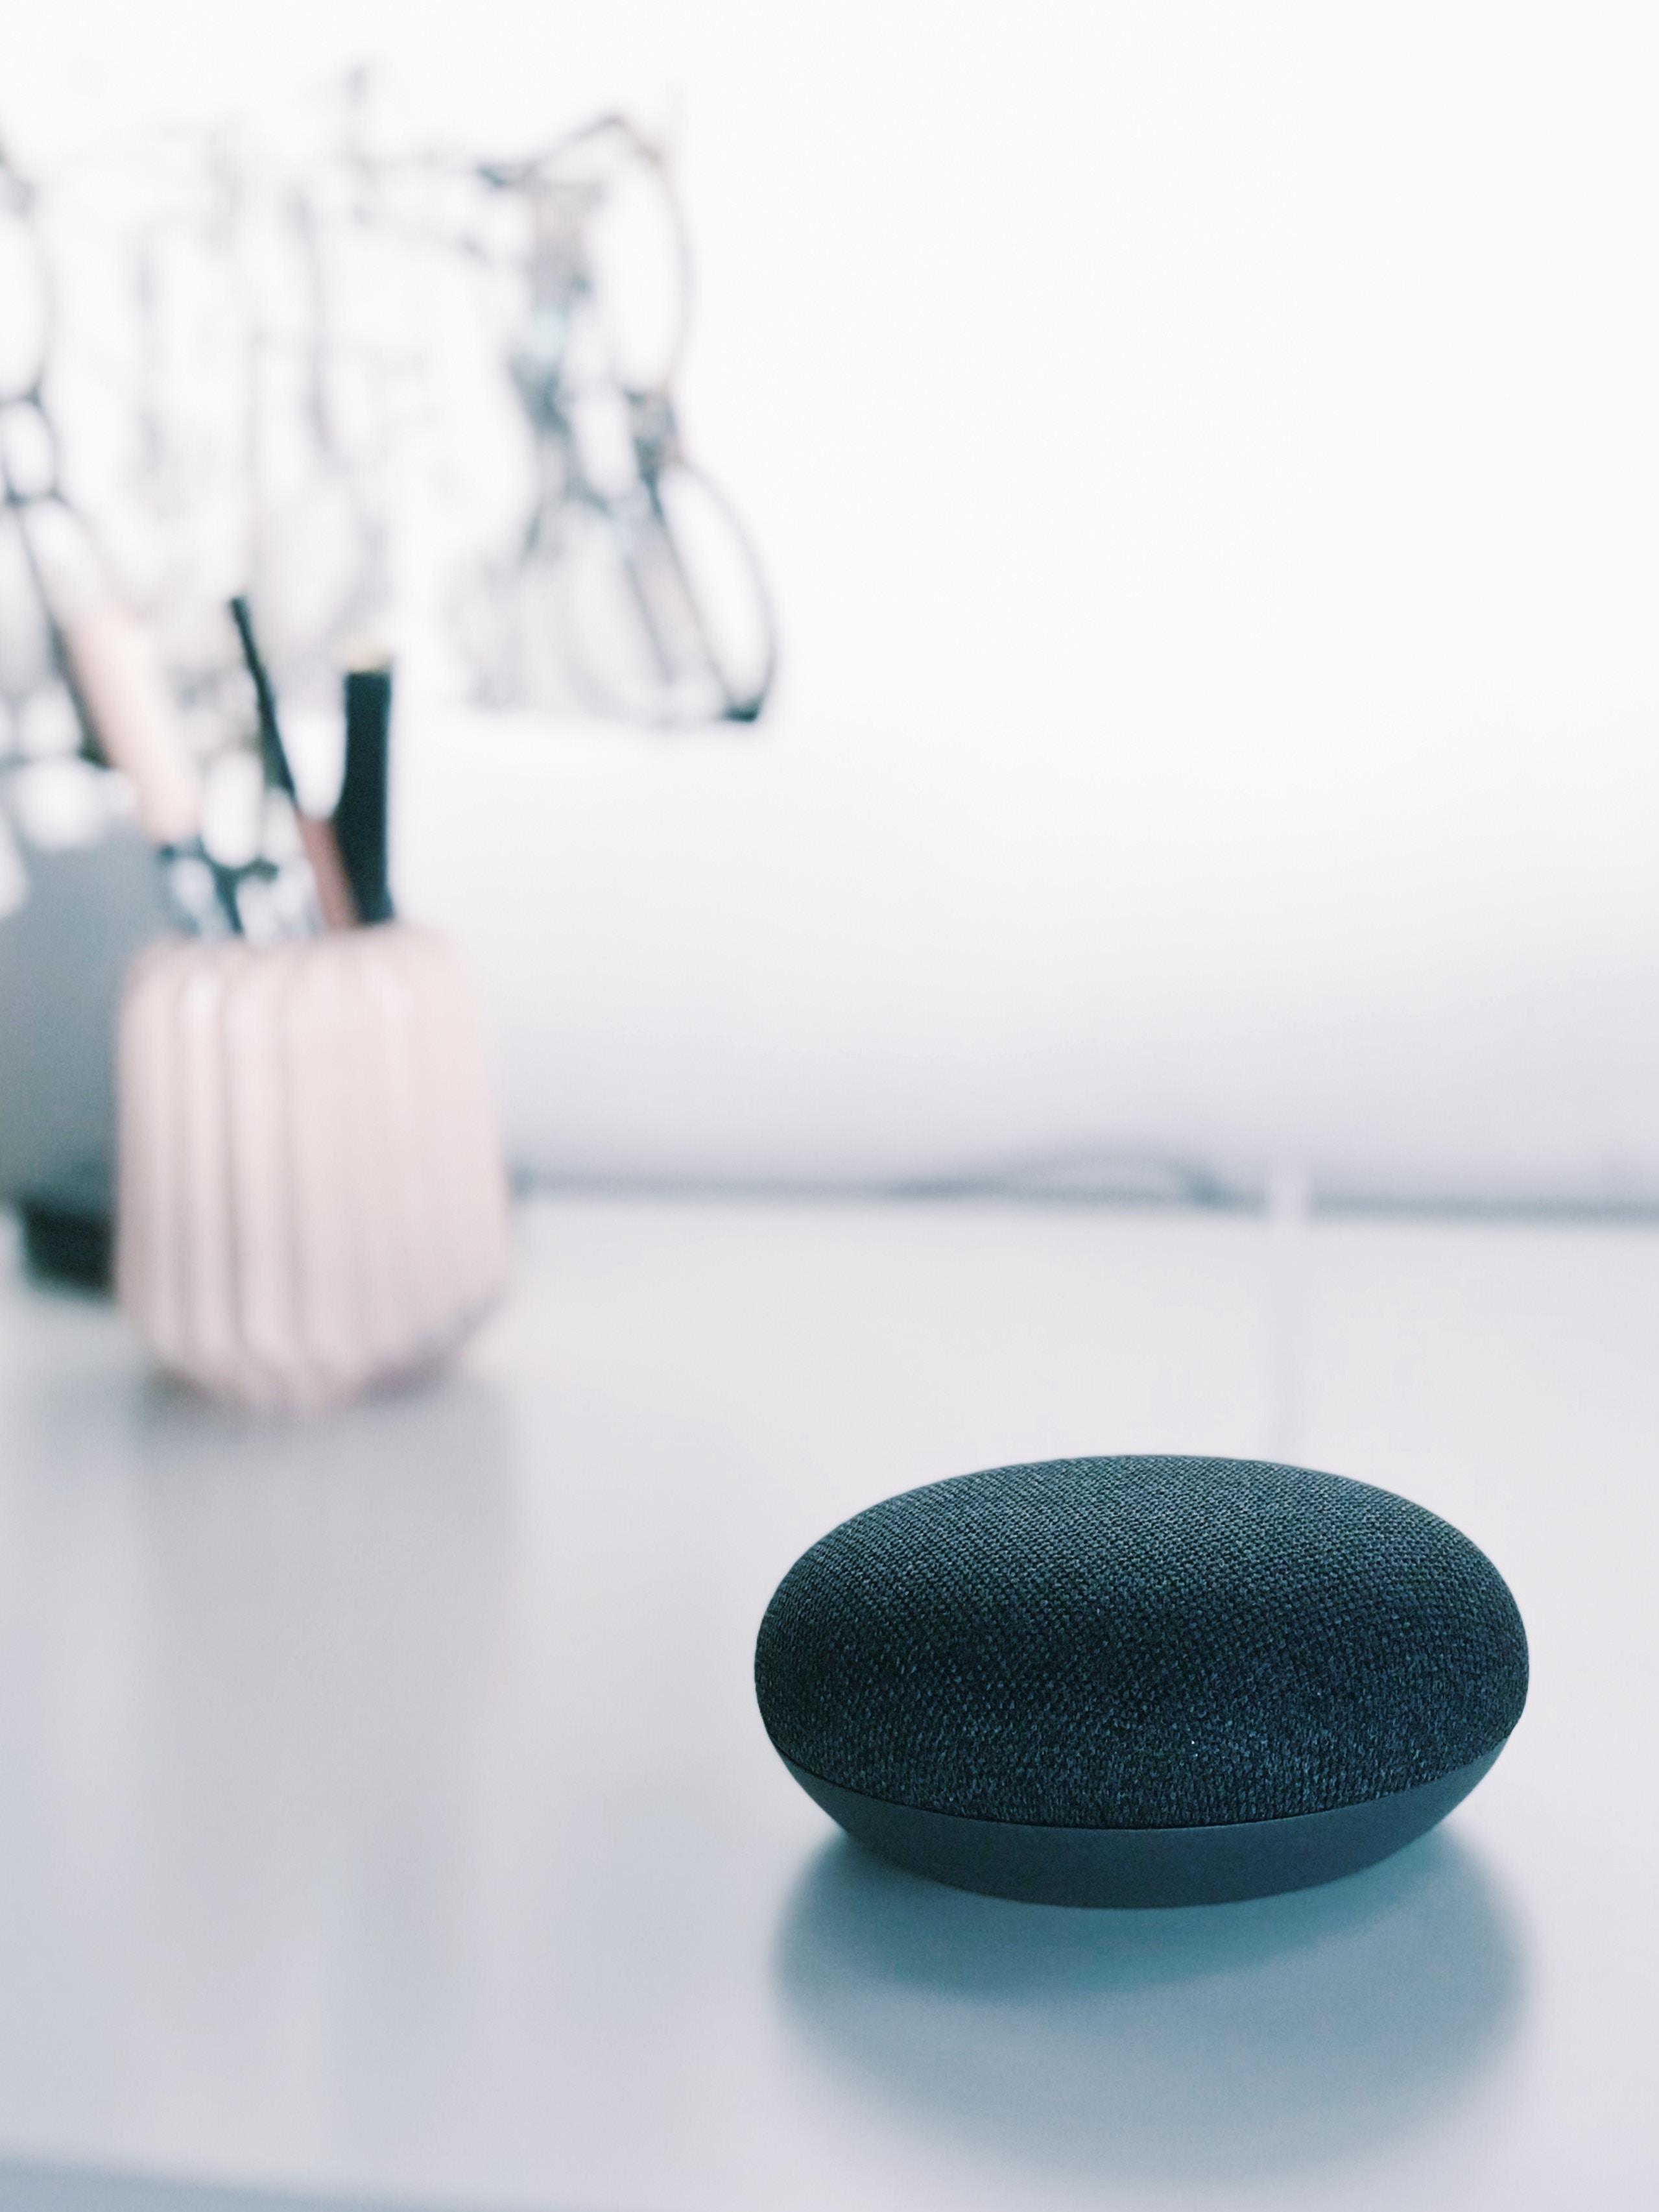 black Google Home mini